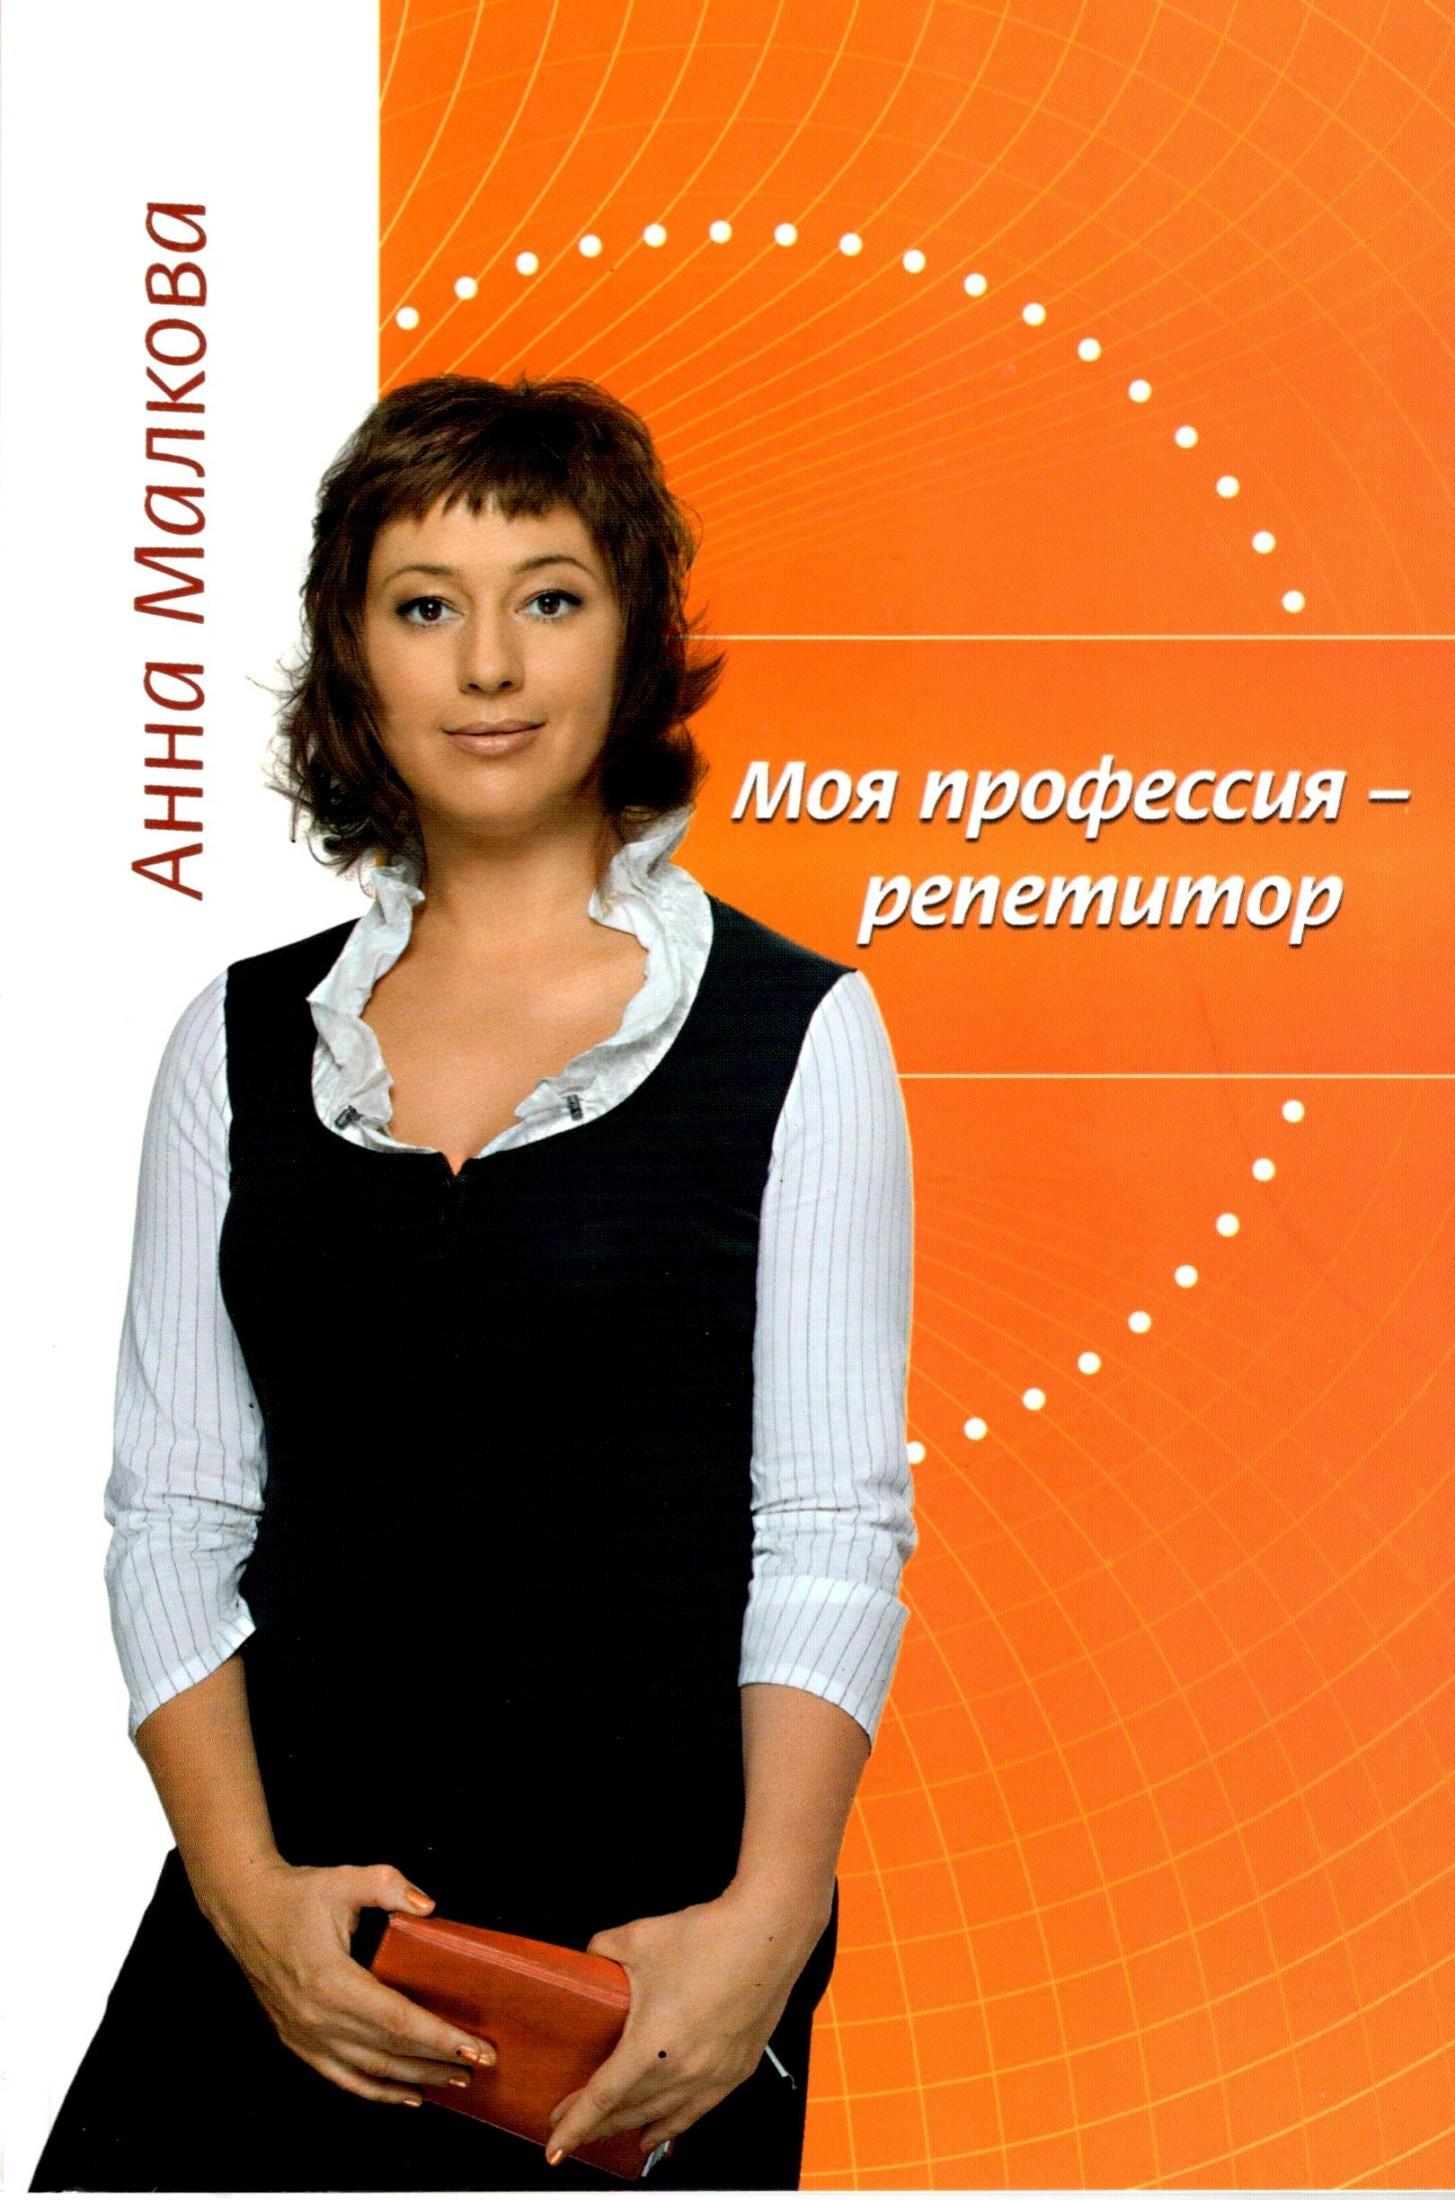 Моя профессия – репетитор - Анна Малкова читать онлайн или скачать бесплатно fb2 epub txt rtf